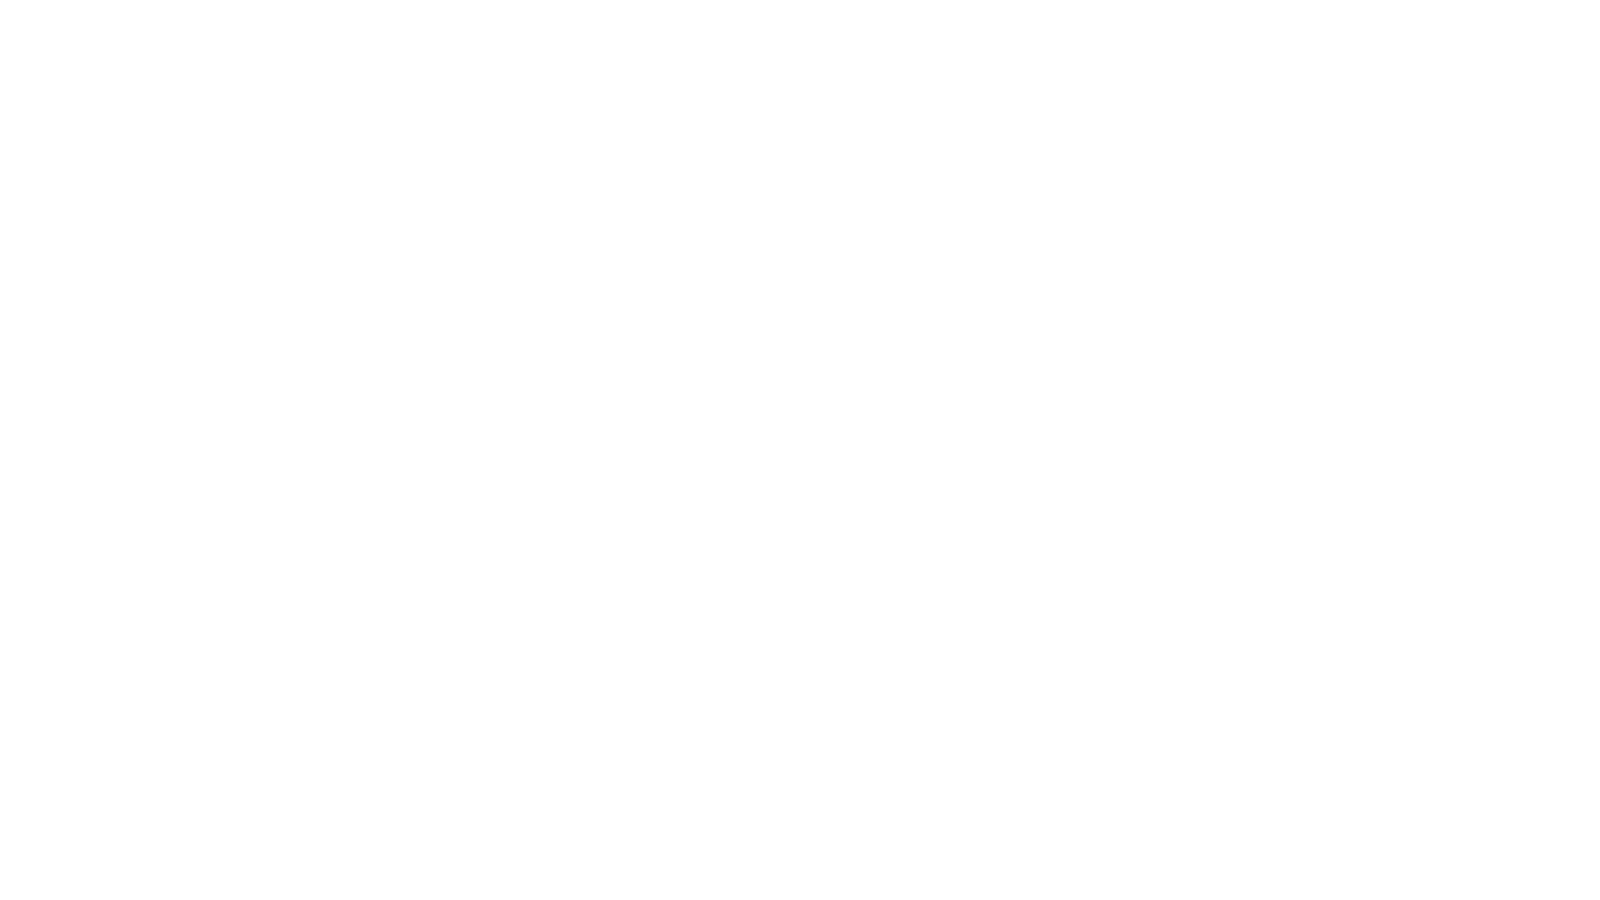 """MARK & LONA 2021 AUTUMN / WINTER COLLECTIONのテーマは、Illusion(イリュージョン)。 ブランドアンバサダーの木村拓哉さんが着こなすMARK & LONA 秋冬コレクションのラインナップを順次ご紹介します。  2021秋冬 第4弾は、2021年9月29日(水)よりMARK & LONA直営店舗と公式オンラインストアにて発売します。  第4弾では、大胆なロゴプリントデザインが目を惹く、最先端のダウンファブリックと画期的な2層構造のエコロジカルな素材の軽量ダウンブルゾンを着用。スイングに必要なゆとりをキープしつつ、袖口と裾に向かってシャープになるタイトシルエットで、風の侵入を防ぎフィット感を高めるストレッチバインダー仕様になっています。トップスとボトムスは、レトロなカラーリングと星柄グレンチェックのポップなデザインが印象的なセットアップを着用。全方向へのストレッチ性により、自由な動きをサポートするゴルフシーンに最適な機能が満載。更には、サークルスカルの立体刺繍を施し、高級感ある粋なデザインがポイントです。サンバイザーにも柄を合わせて3点のアイテムを同柄でコーディネートしたトレンド感ある着こなしに注目です。  肌寒さをを感じる季節になり、気持ちはすでに秋冬まっしぐら。 暖かみのある""""赤""""を取り入れていつもとは違う差し色をセレクトしてみるのはいかがでしょうか。   [着用アイテム]  https://www.markandlona.com/c/takuya_kimura/21aw-04  [オンラインストア] https://www.markandlona.com/c/top  [ニュース] https://www.markandlona.com/web_press/21w_visual_4  ※店舗での放映はショート、バージョンとフルバージョンのみとなります。 【1〜5 バージョン6秒編】 2021年7月14日(水)  ILLUSION × TAKUYA KIMURA 21年秋冬-1 Ver. 6秒 編 公開 2021年8月4日(水)  ILLUSION × TAKUYA KIMURA 21年秋冬-2 Ver. 6秒 編 公開 2021年9月8日(水)  ILLUSION × TAKUYA KIMURA 21年秋冬-3 Ver. 6秒 編 公開 2021年9月22日(水)  ILLUSION × TAKUYA KIMURA 21年秋冬-4 Ver.6秒 編 公開 2021年10月20日(水)  ILLUSION × TAKUYA KIMURA 21年秋冬-5 Ver.6秒 編 公開  【ショートバージョン15秒編】 2021年7月29日(木)  ILLUSION × TAKUYA KIMURA 21年秋冬 ショートVer. 15秒 前編 公開 2021年9月21日(火)  ILLUSION × TAKUYA KIMURA 21年秋冬ショートVer. 15秒 後編 公開  【フルバージョン30秒・60秒編】 2021年9月1日(水)  ILLUSION × TAKUYA KIMURA 21年秋冬フルVer. 30秒編  公開 2021年9月1日(水)  ILLUSION × TAKUYA KIMURA 21年秋冬フルVer. 60秒編  公開"""